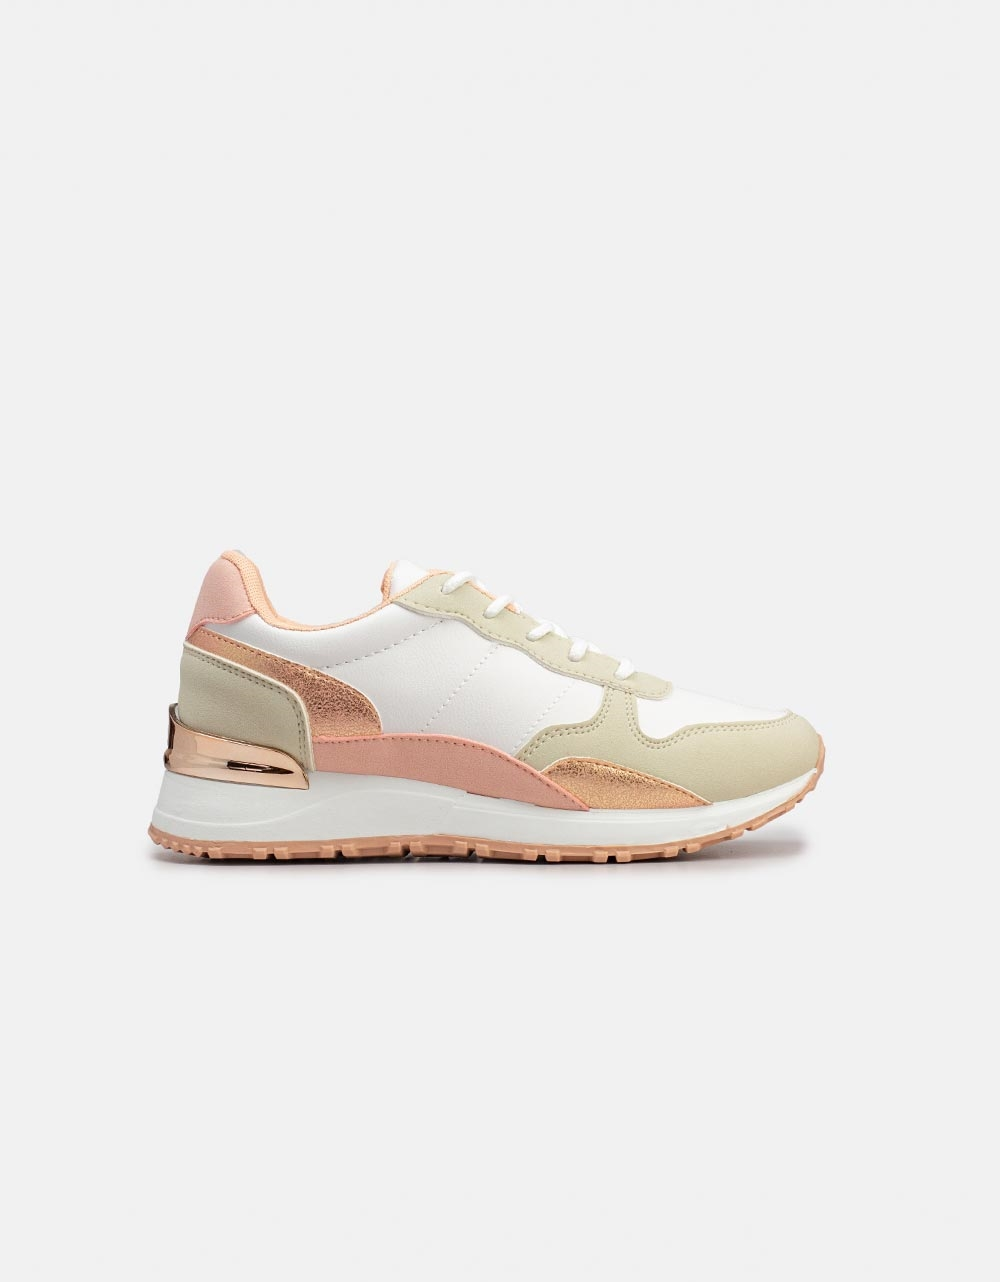 Εικόνα από Γυναικεία sneakers σε συνδυασμούς χρωμάτων Λευκό/Ροζ